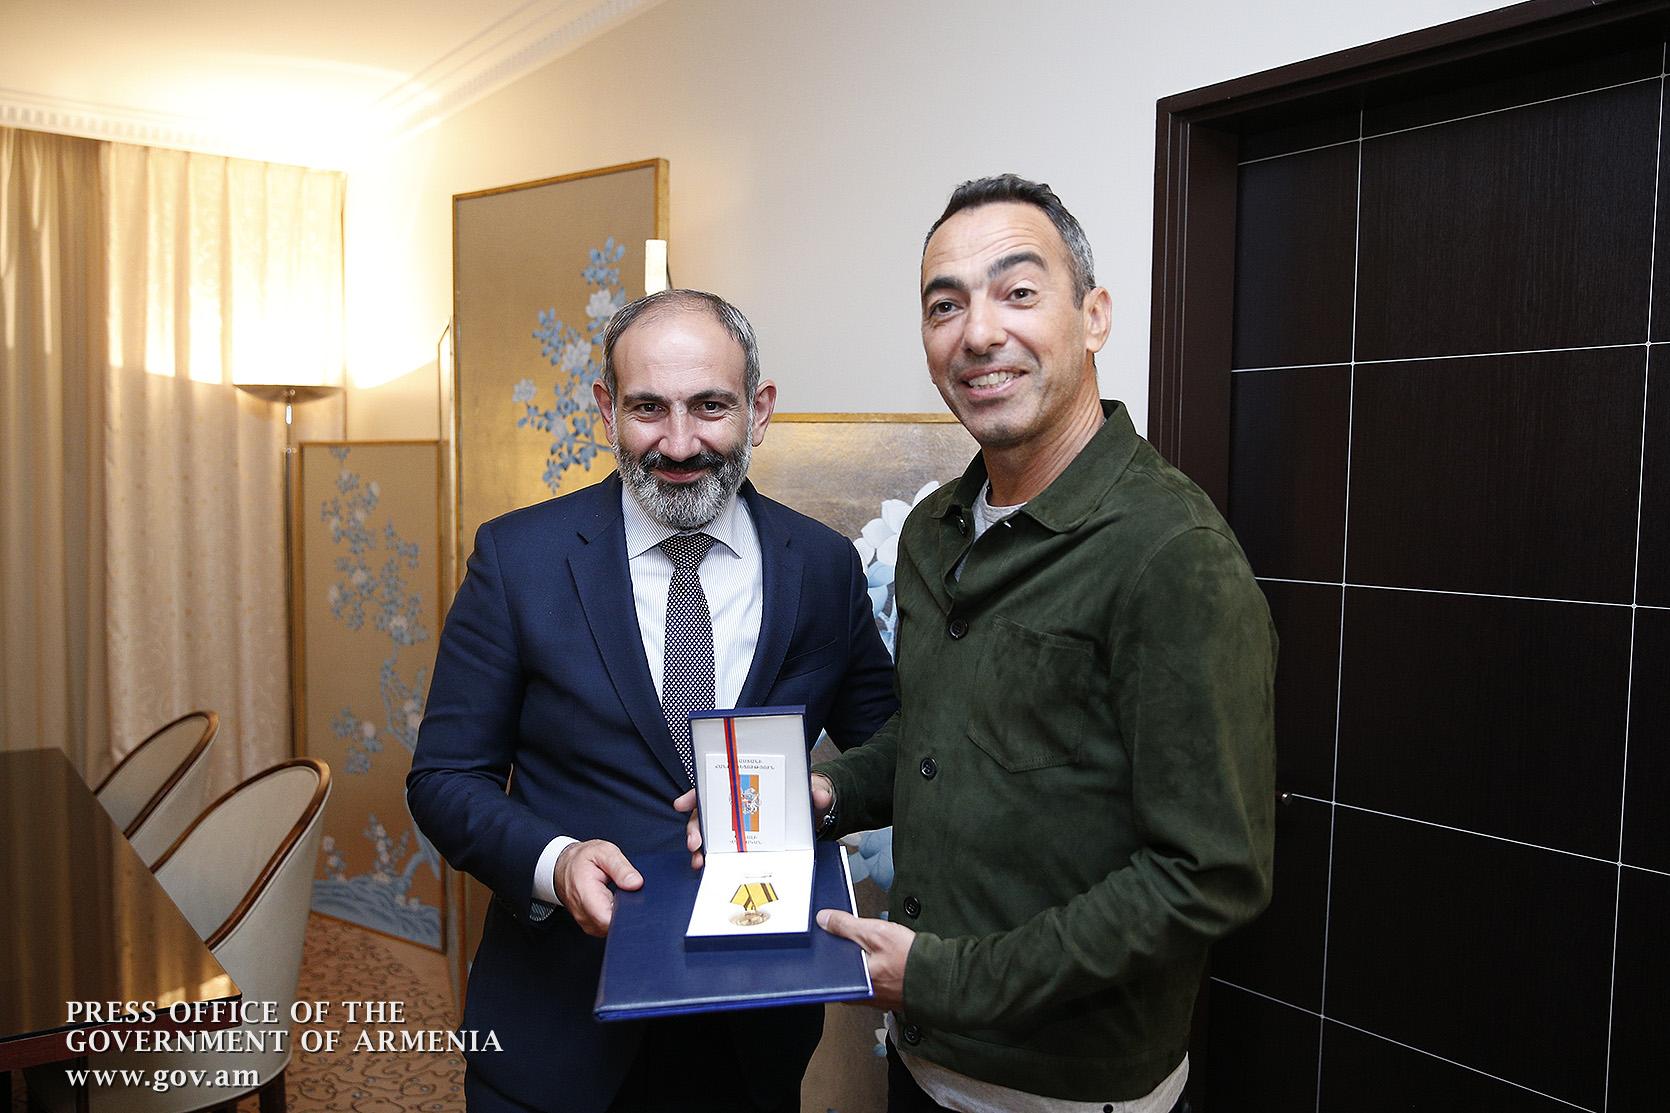 Премьер в Париже наградил знаменитого футболиста Юрия Джоркаеффа медалью